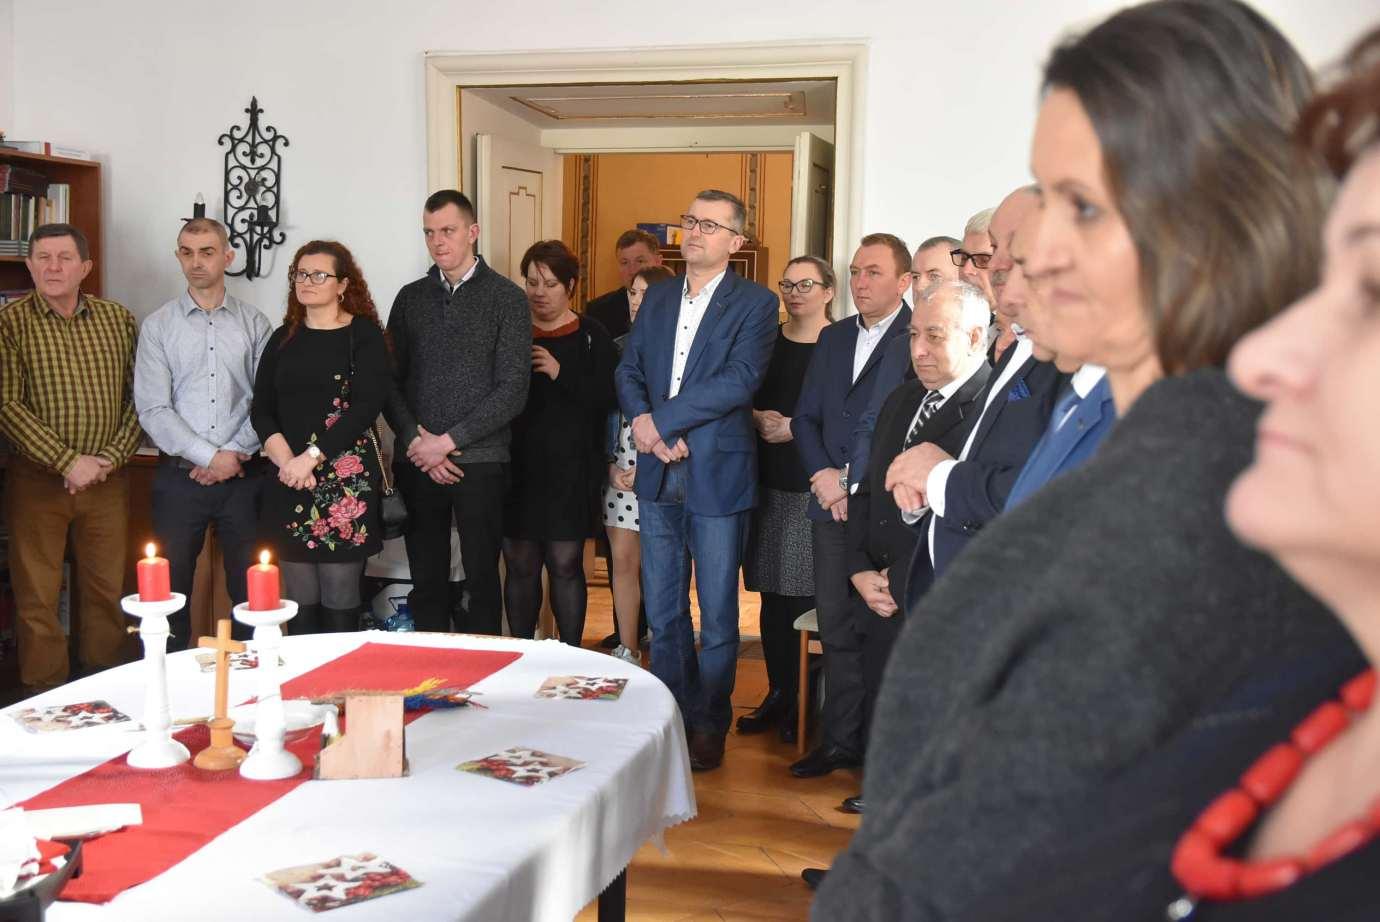 dsc 4008 Zamość: Otwarcie nowego biura poselskiego Jarosława Sachajko. [ZDJĘCIA, FILM]